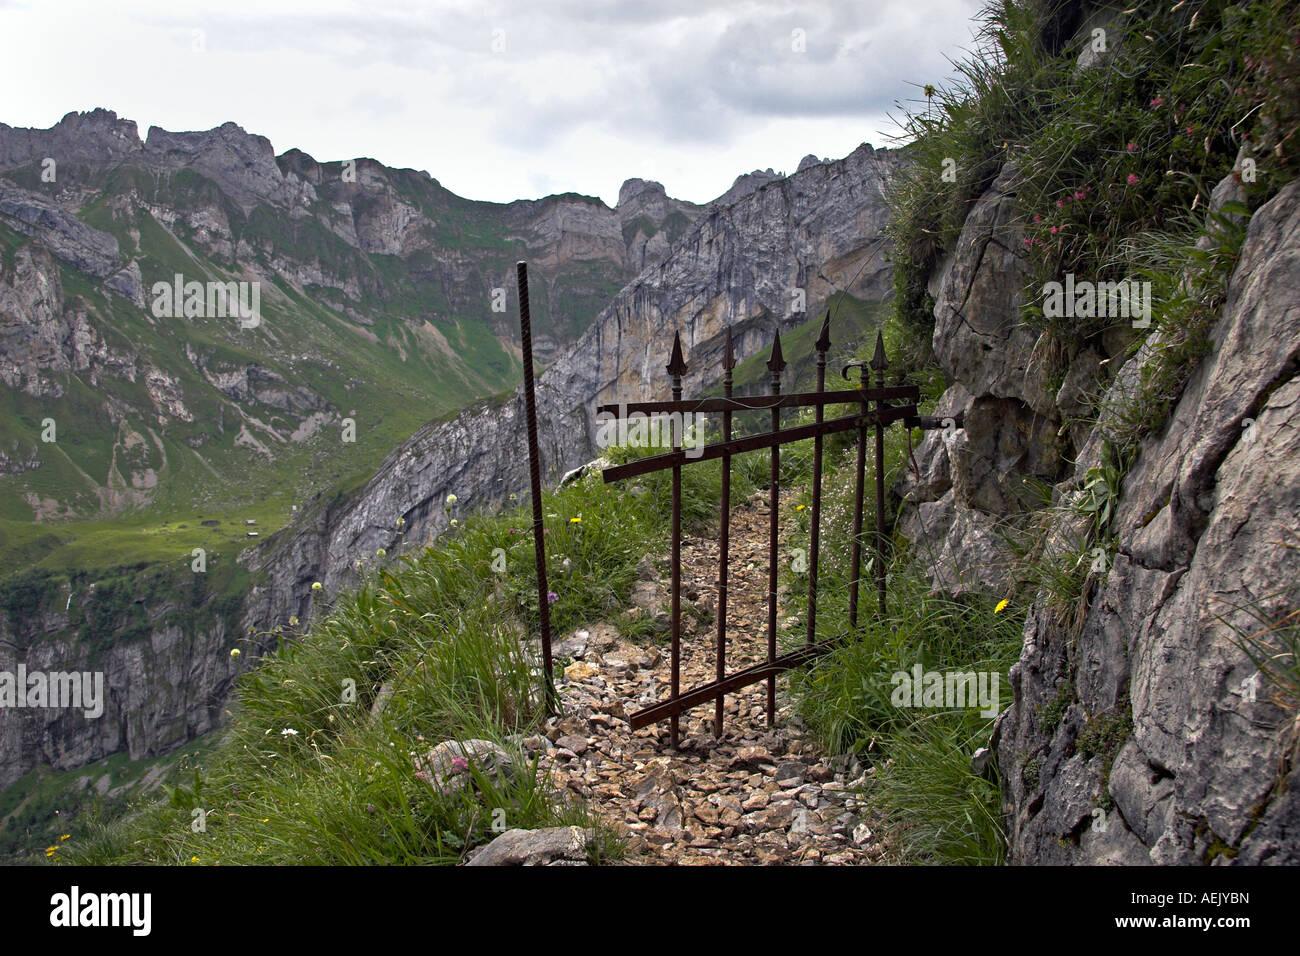 Berg-Weg mit Eisen Viehgatter im Alpsteingebirge Kanton Appenzell, Schweiz Stockbild